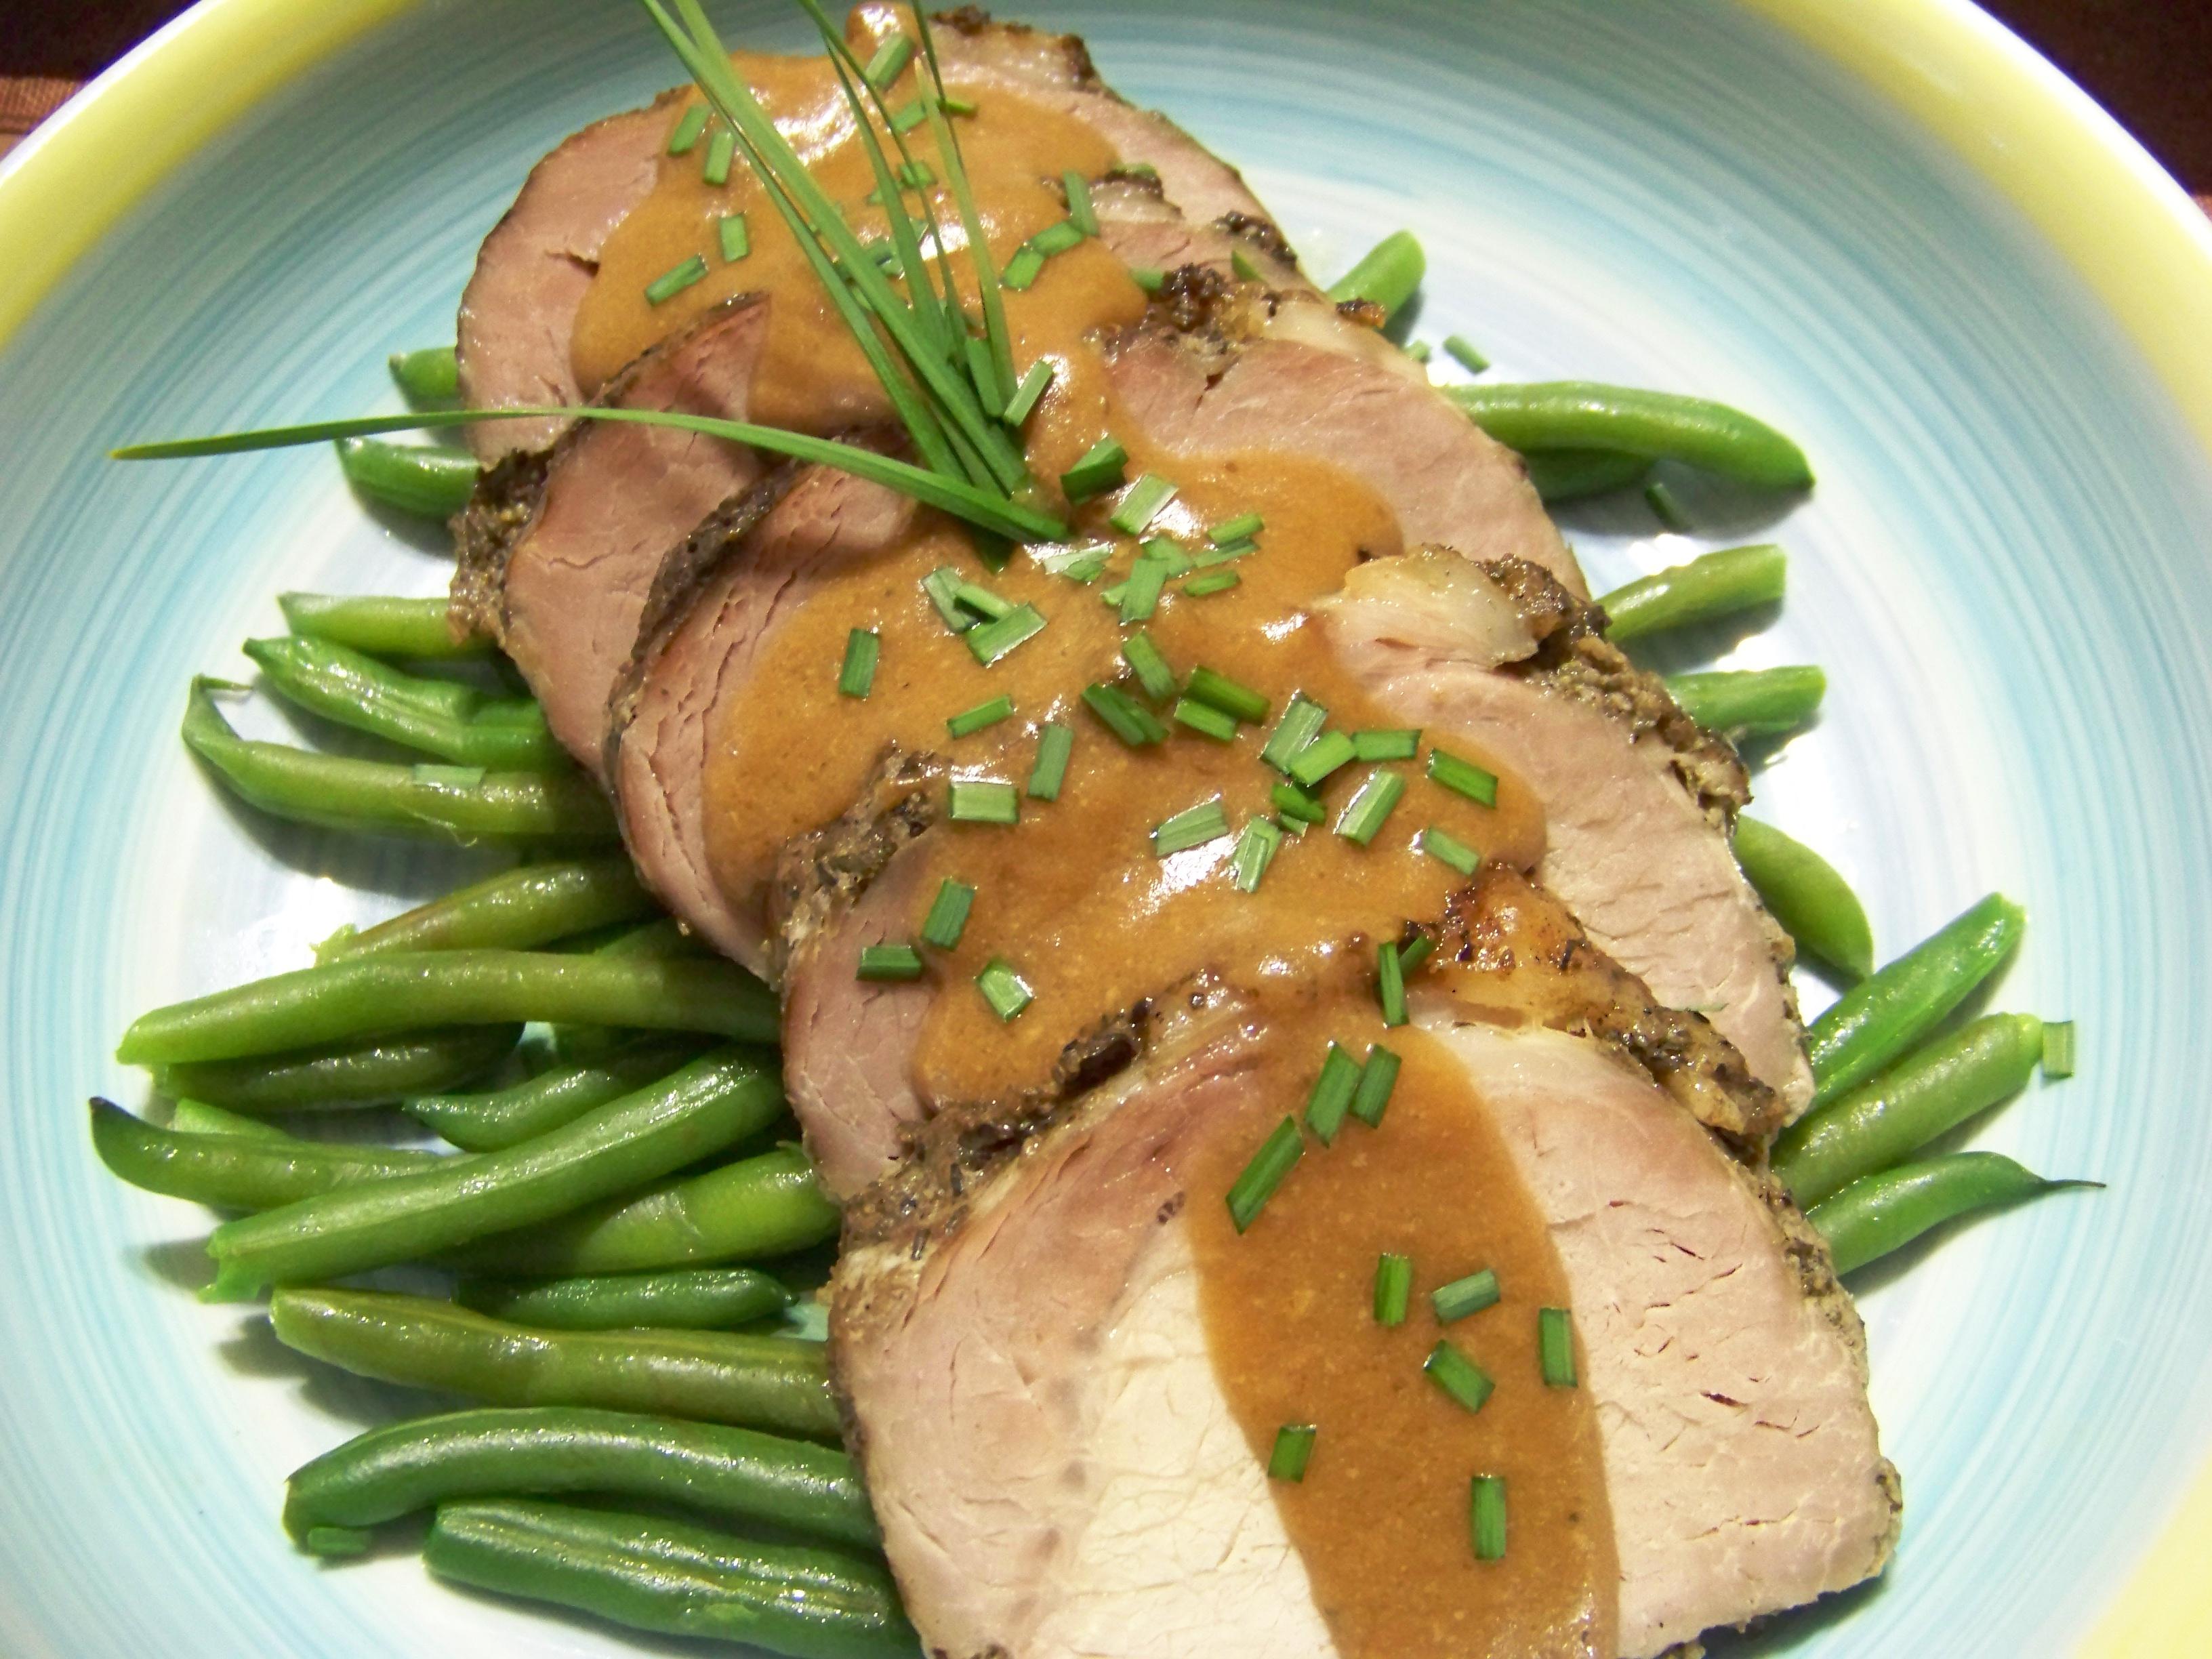 French recipe for pork tenderloin